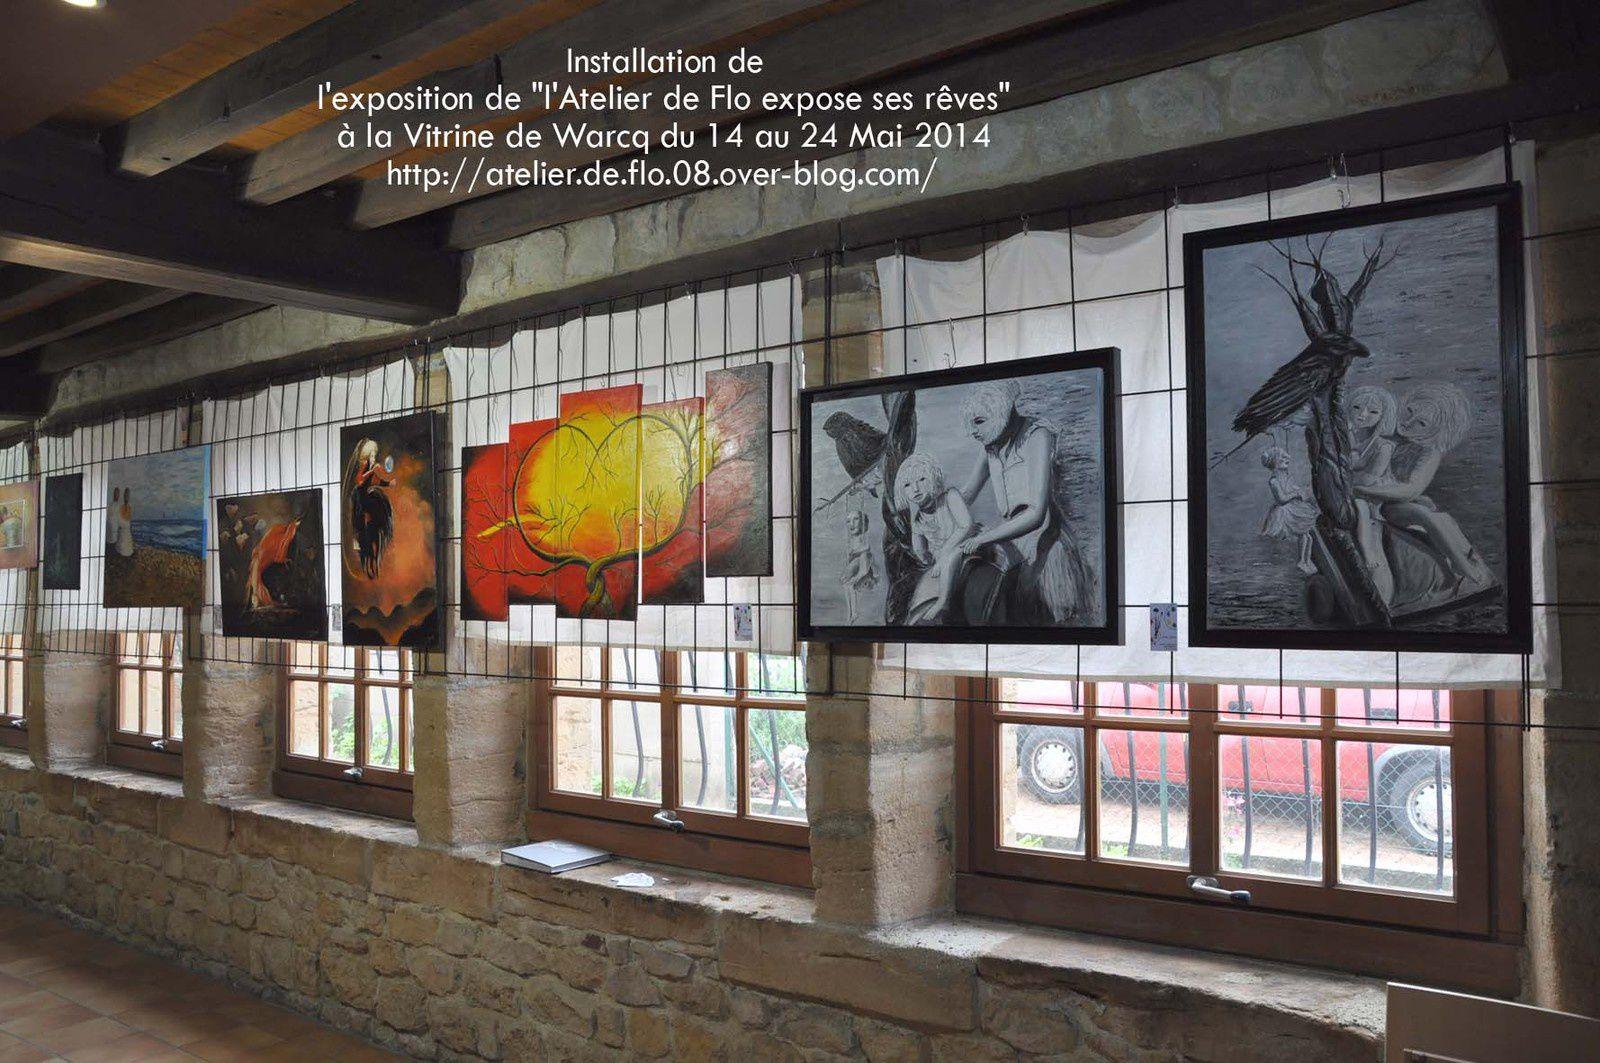 Les Tableaux réalisés par les artistes de L'Atelier de Flo